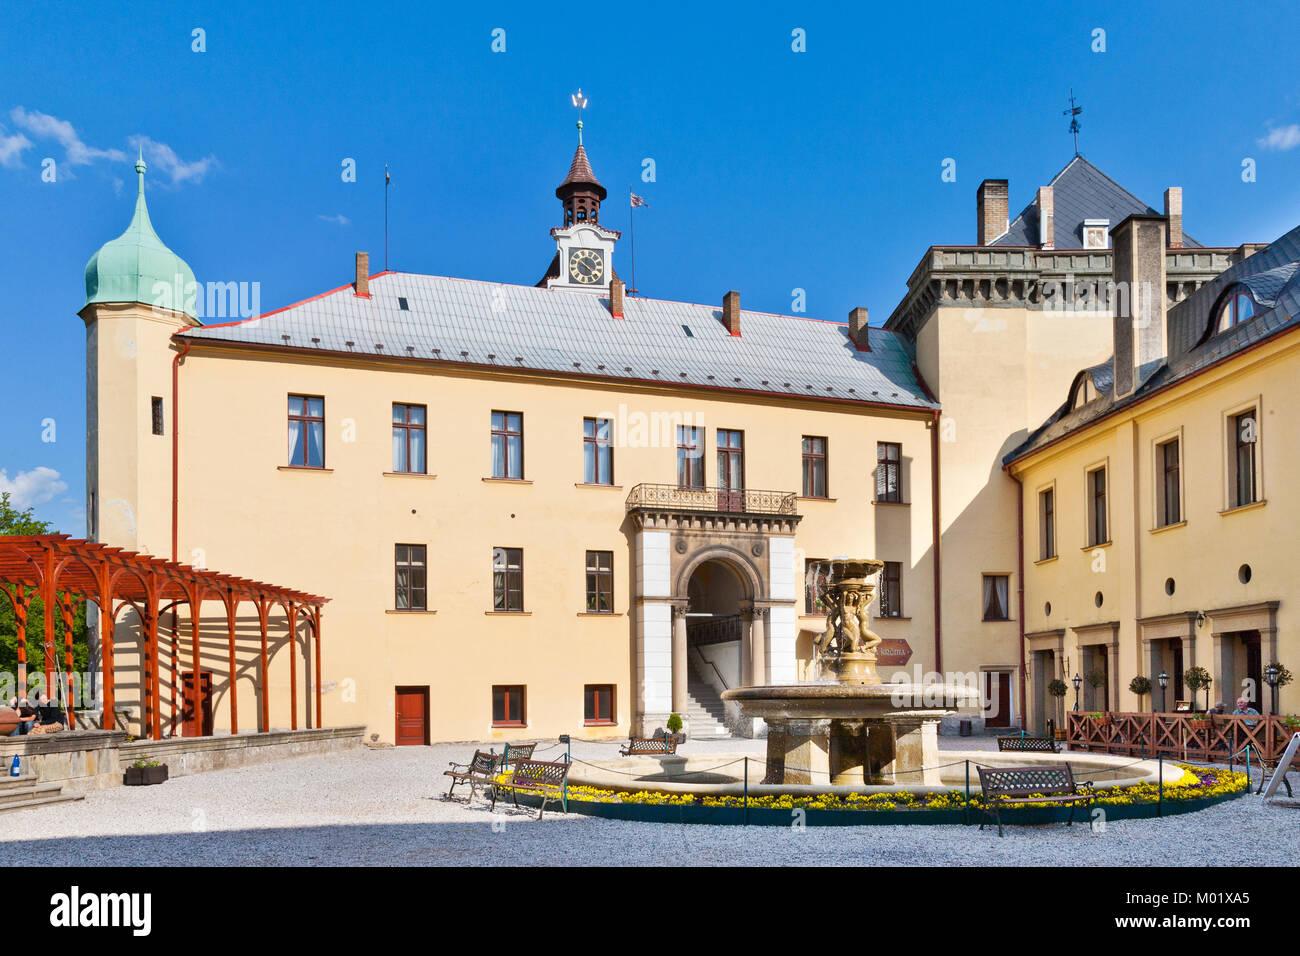 CZECH REPUBLIC, ZBIROH - MAR 14, 2016: neo-renaissance castle Zbiroh, Czech republic. Artist Alfons Mucha painted - Stock Image